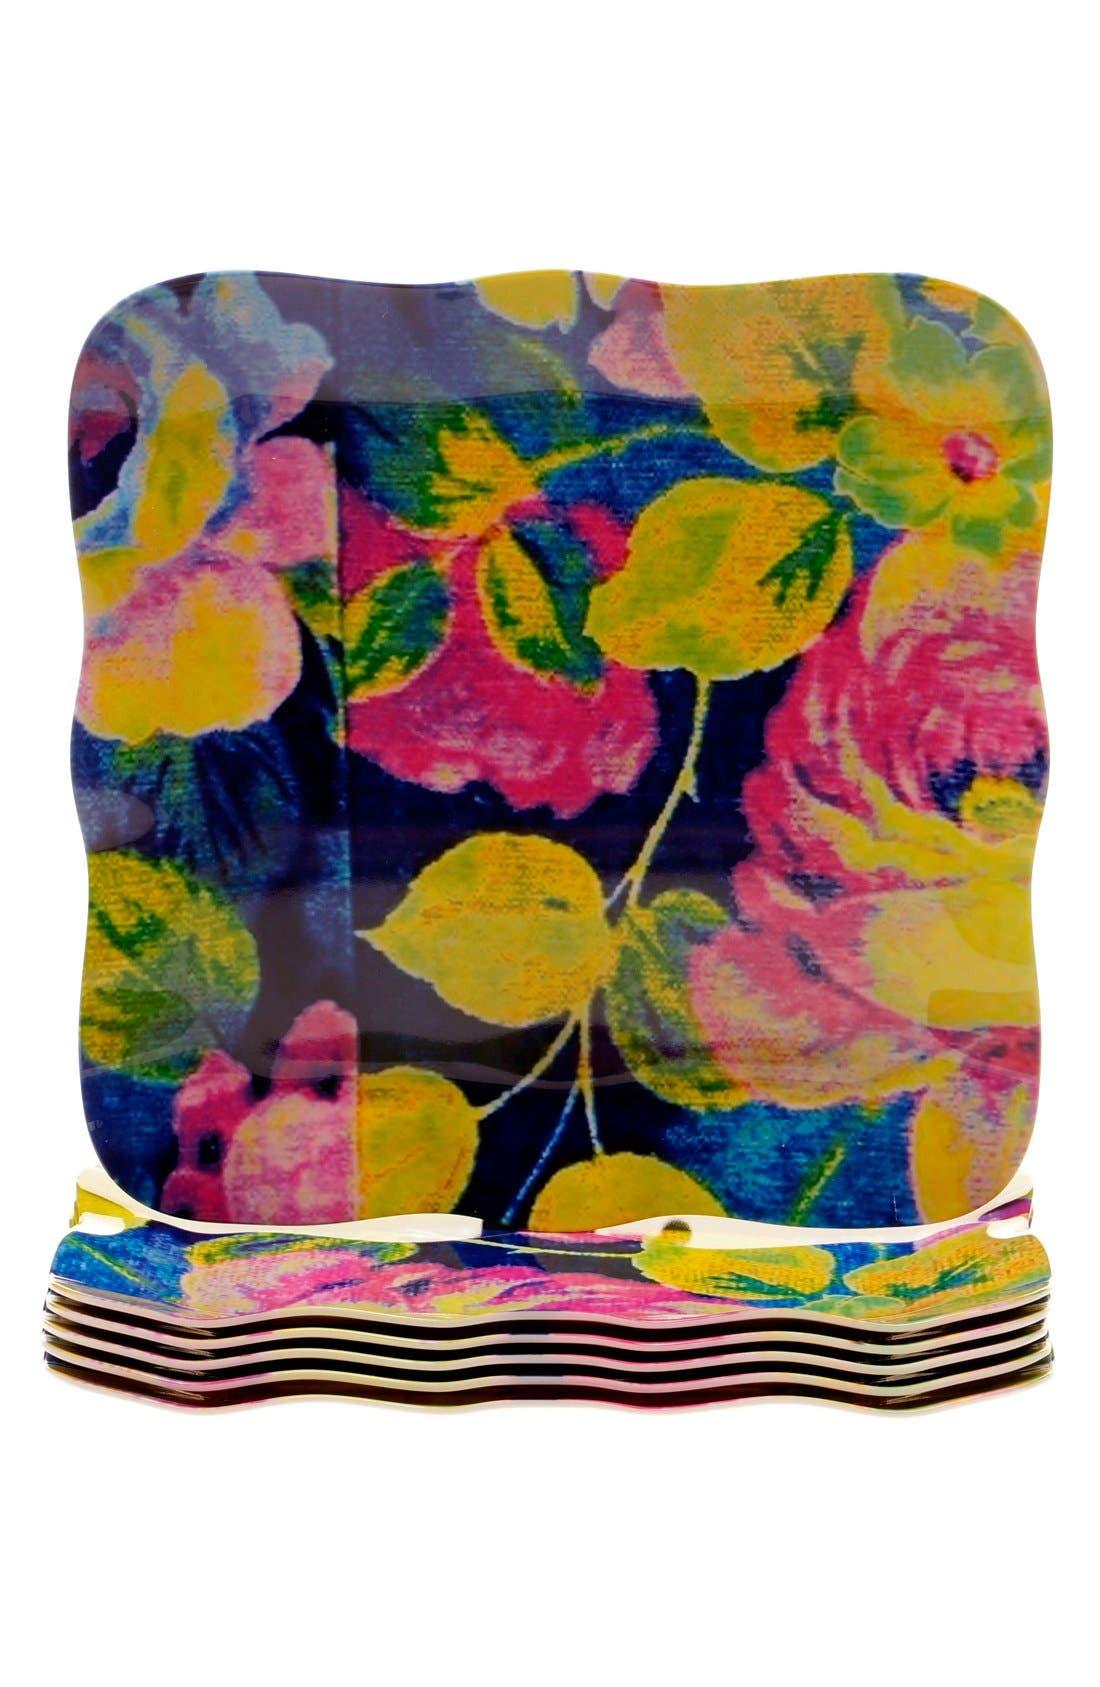 Main Image - Tracy Porter® For Poetic Wanderlust® 'Duchess' Dinner Plates (Set of 6)